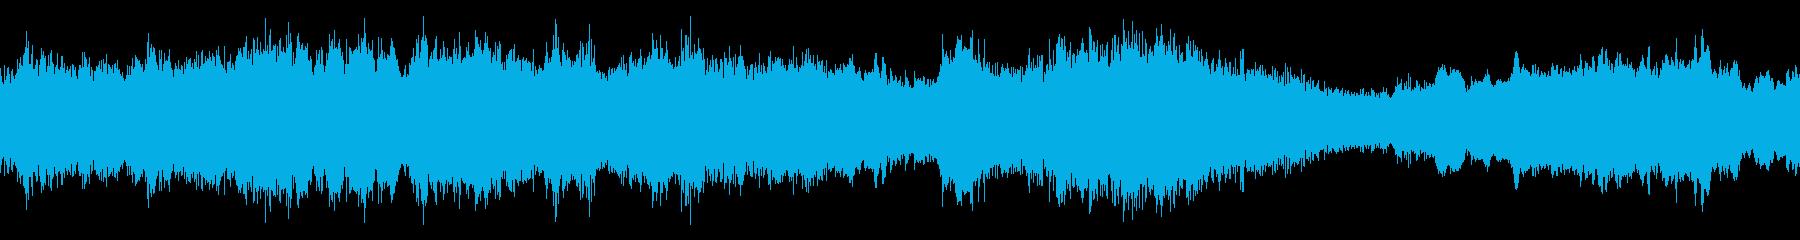 アンビエントSFサウンドスケープ。...の再生済みの波形